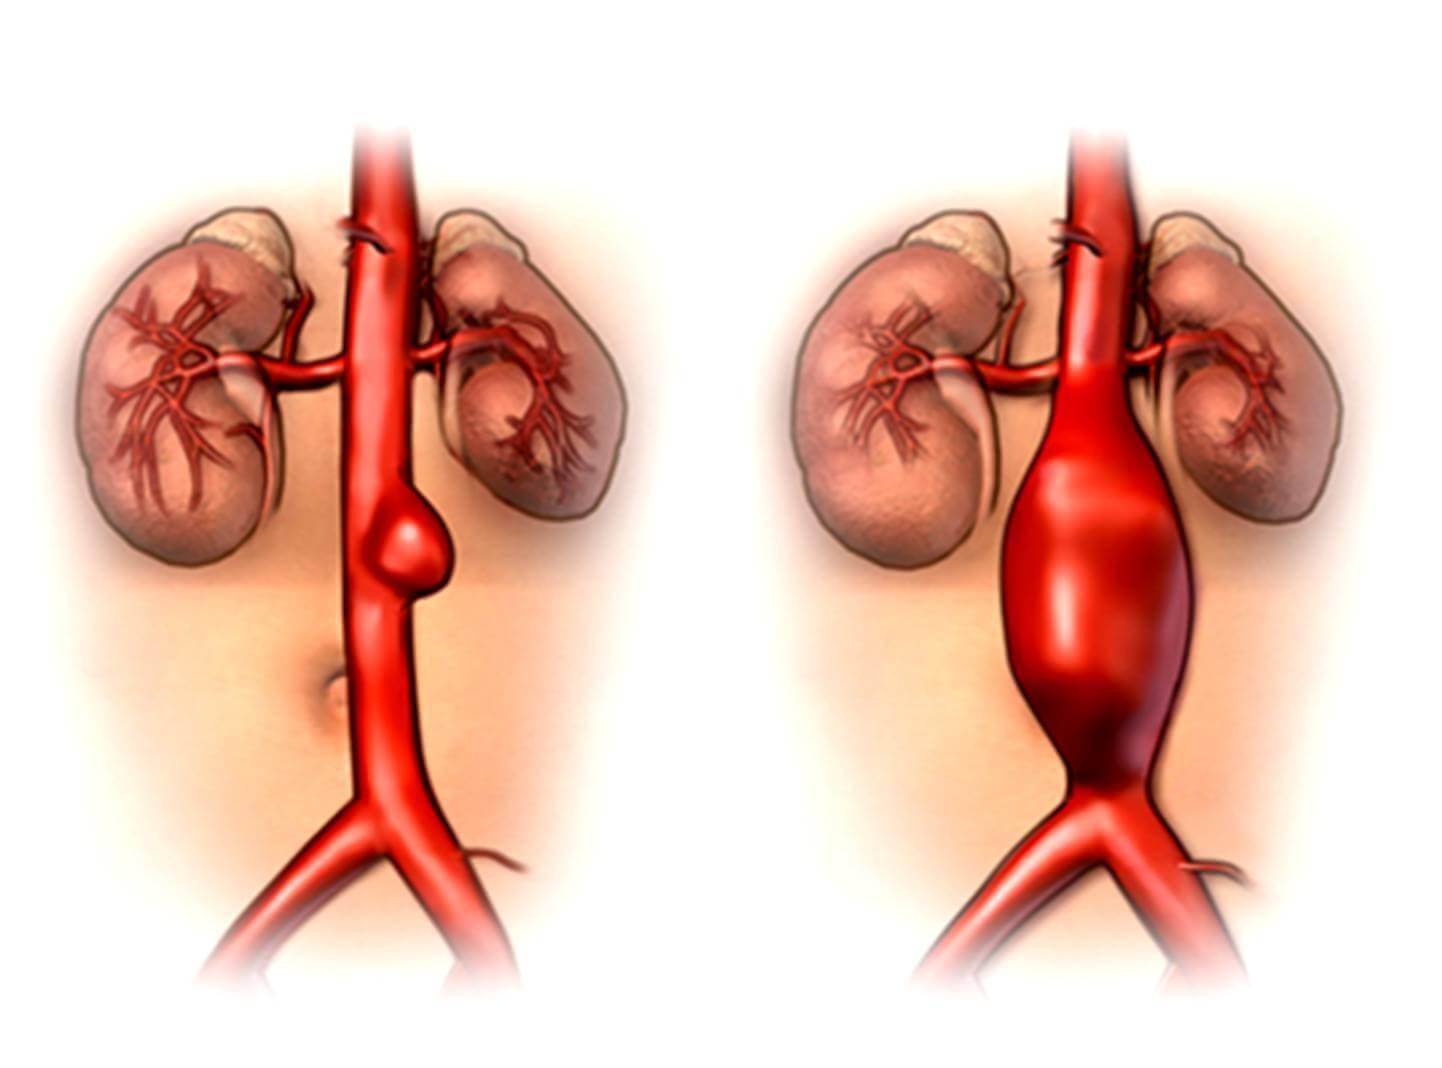 При полном перекрытии аорты кальцинозом пациент умирает